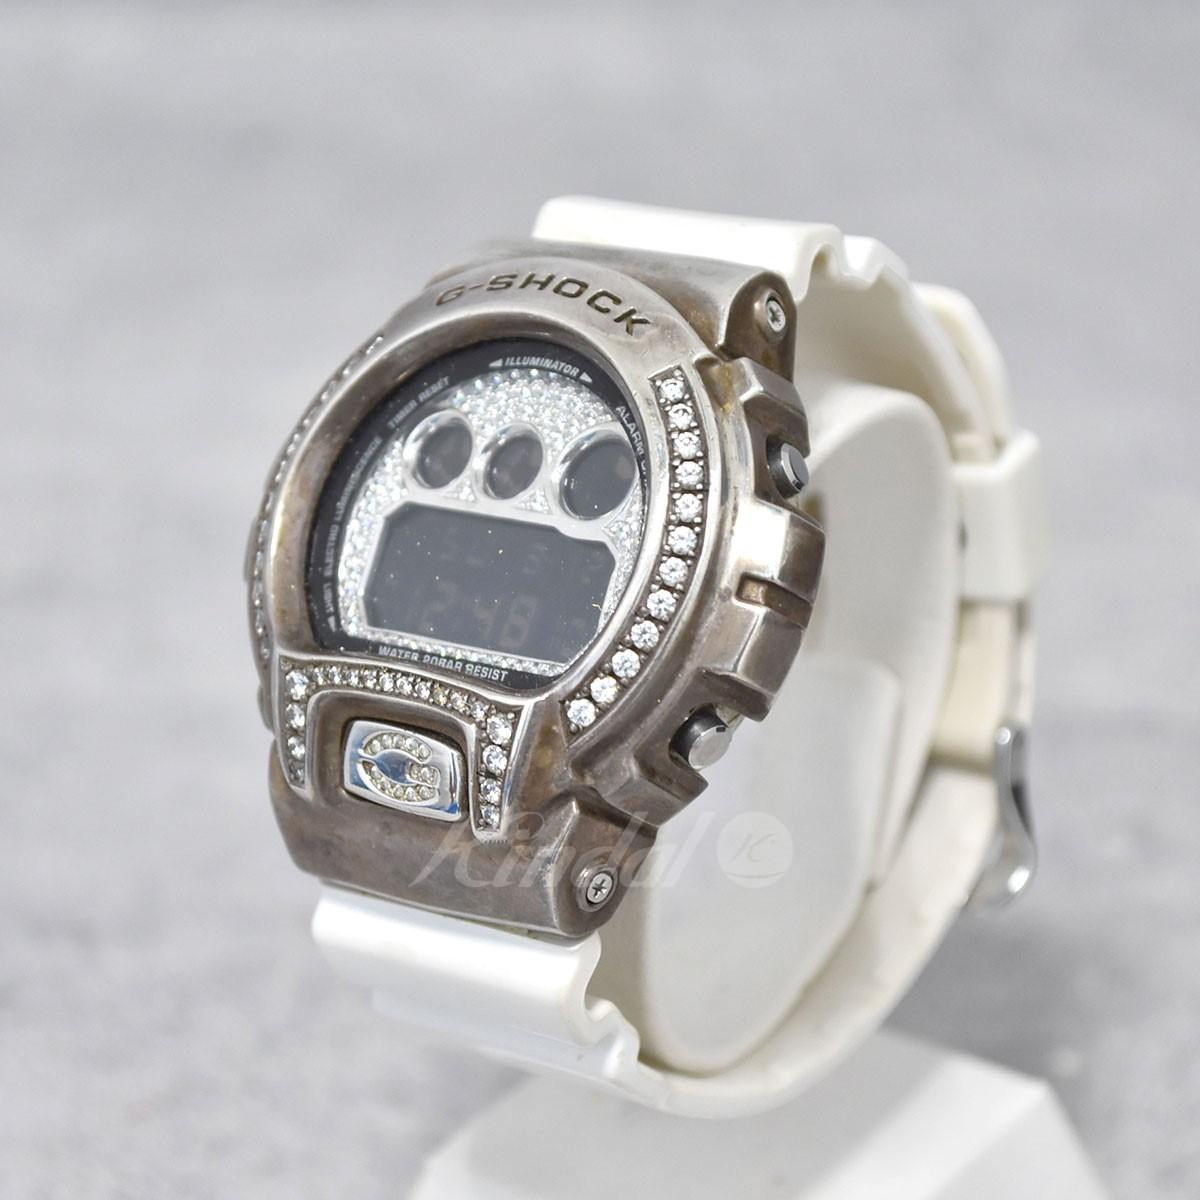 【中古】CASIO G-SHOCK デジタル腕時計 G-BALLER製カスタム DW-6900NB 【送料無料】 【191121】 【KIND1490】